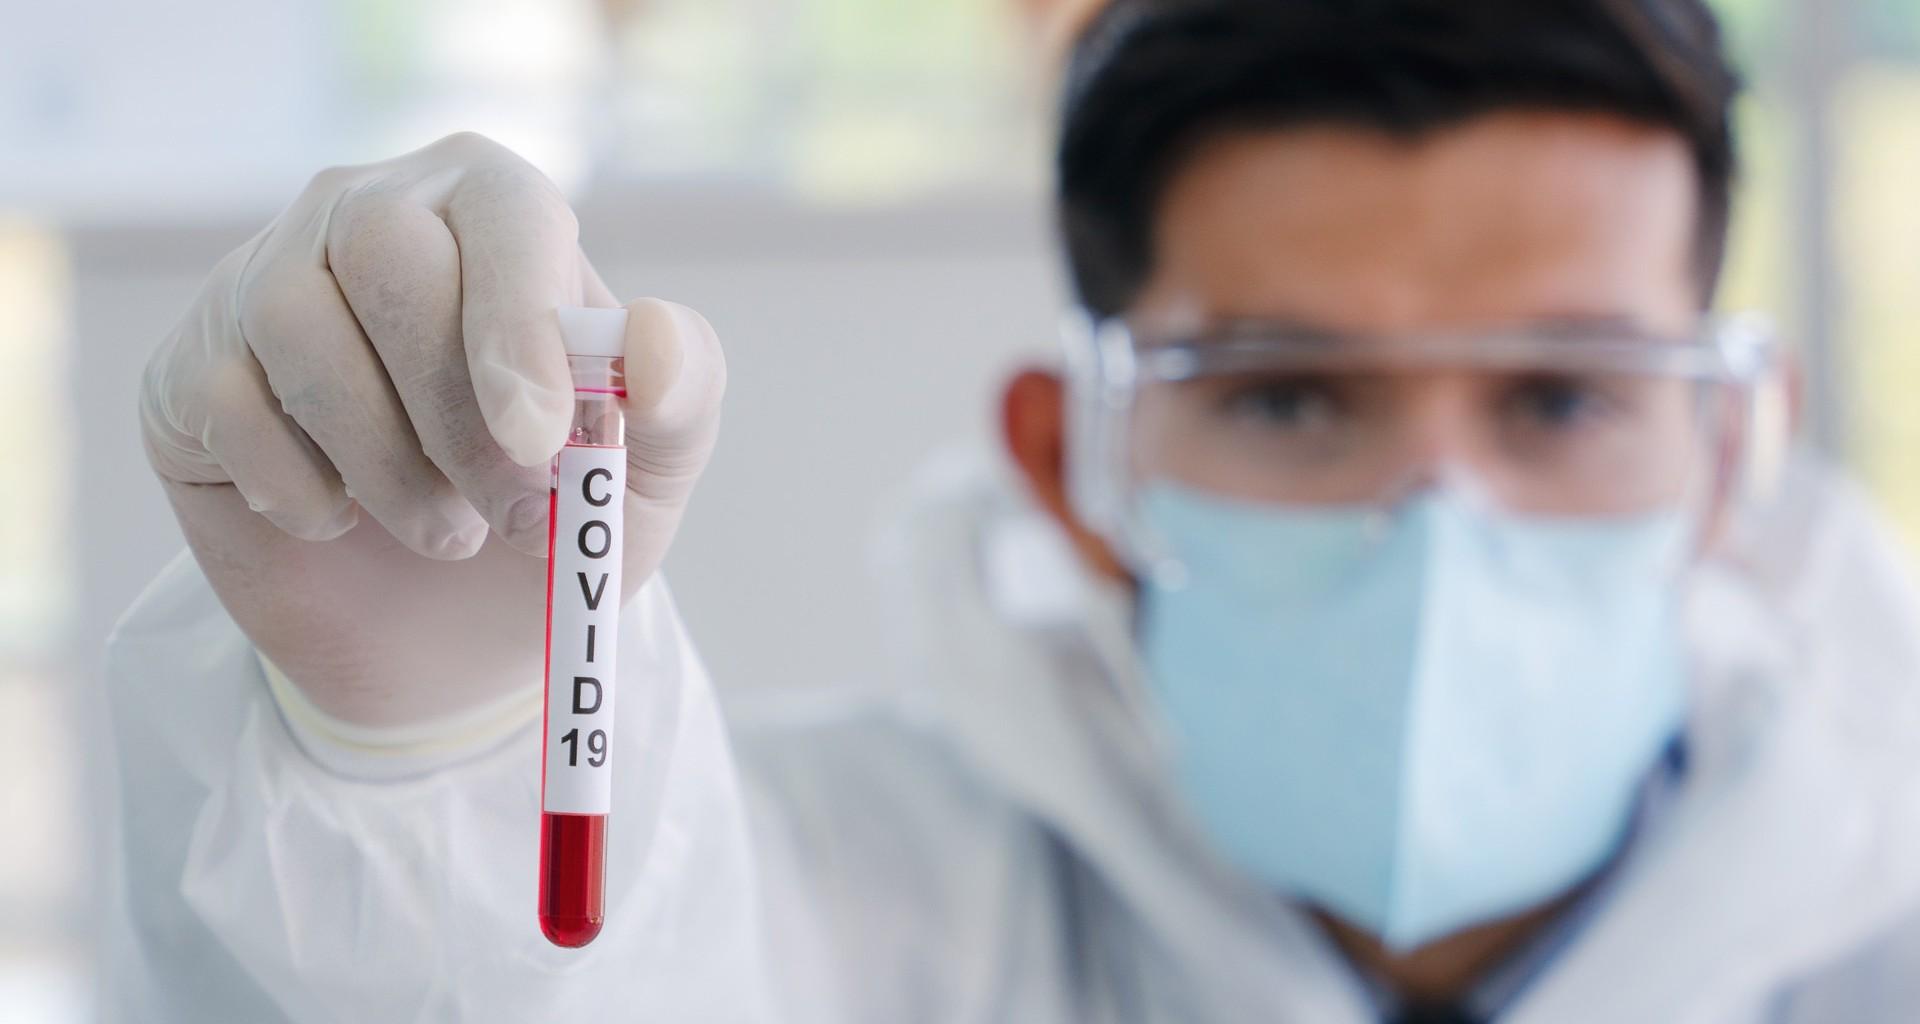 LA CARLOTA: dieron negativo los testeos de los tres casos sospechosos de coronavirus que llegaron al hospital SAN ANTONIO